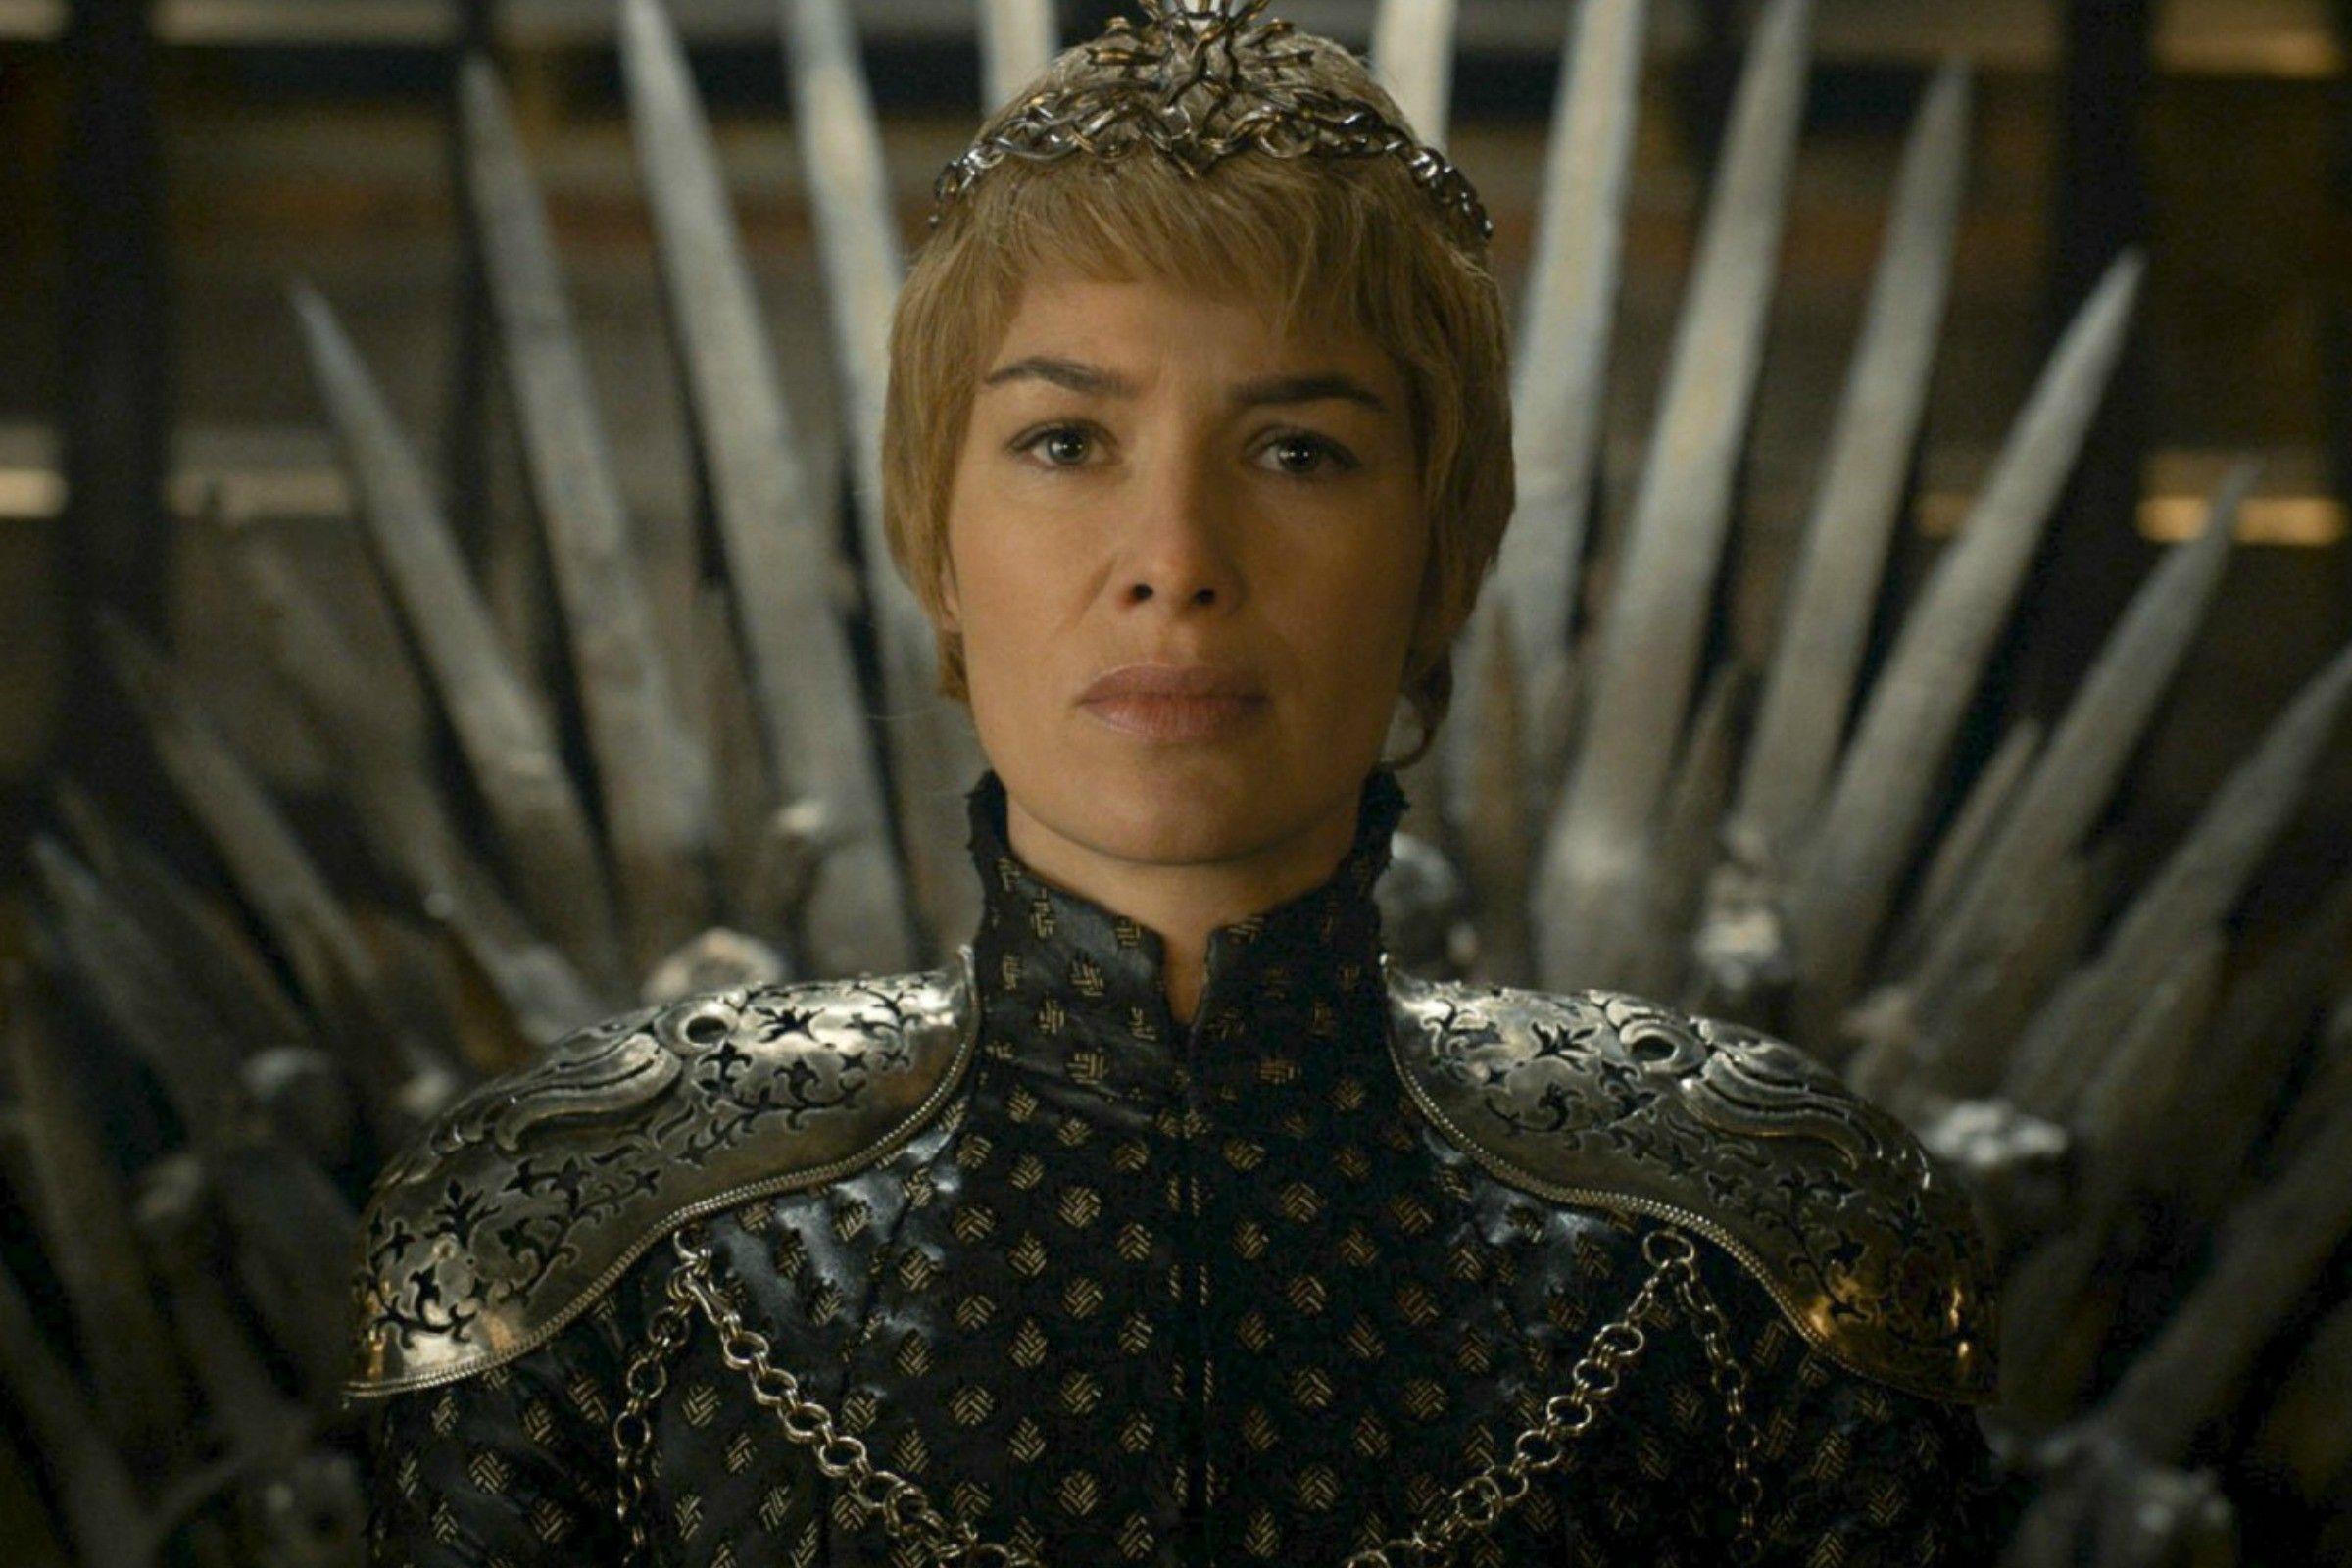 Oficial: última temporada de 'Game of Thrones' estreia em abril